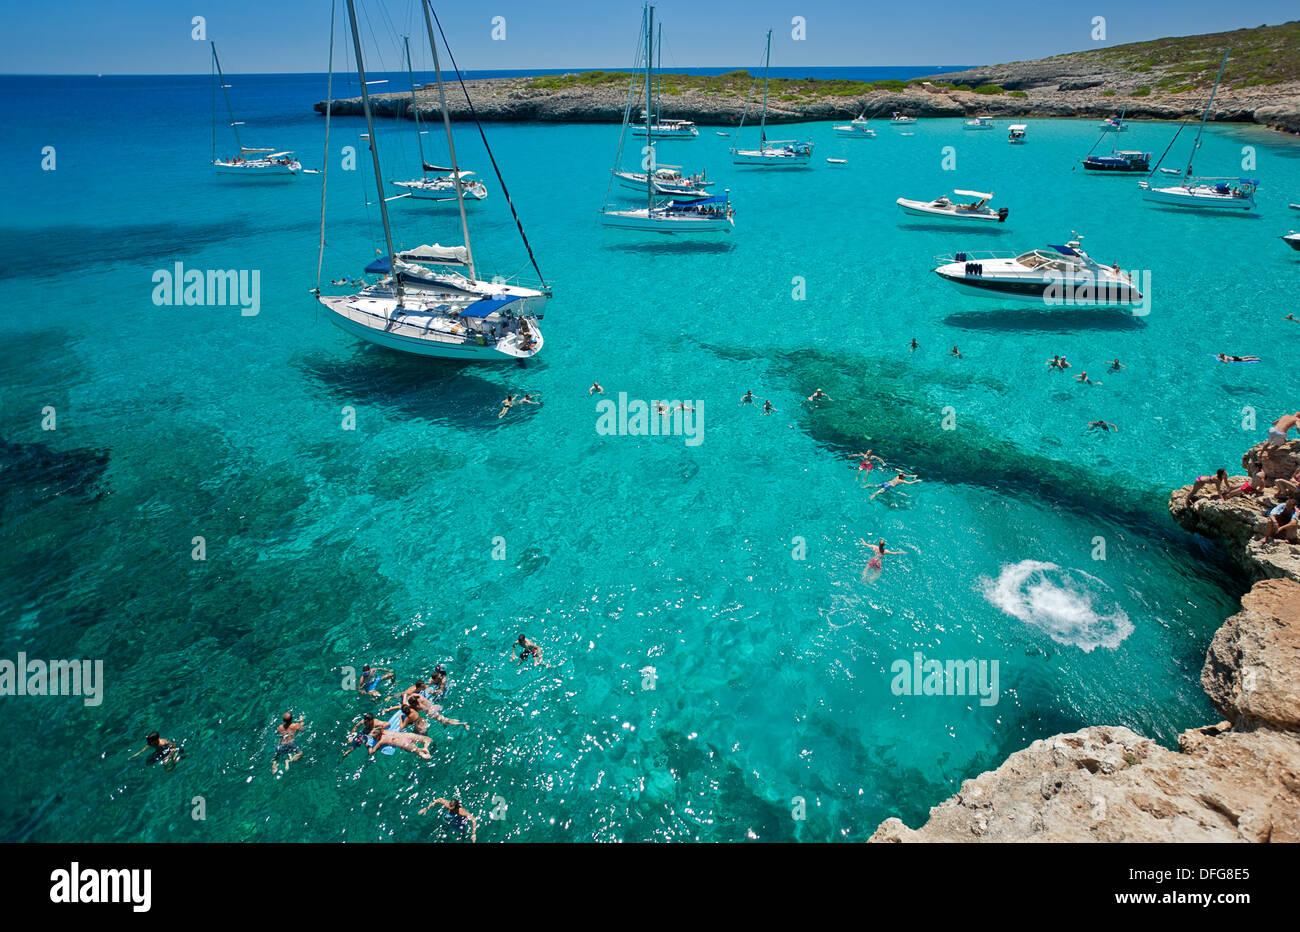 Veleros anclados en Cala Varques. La isla de Mallorca. España Imagen De Stock